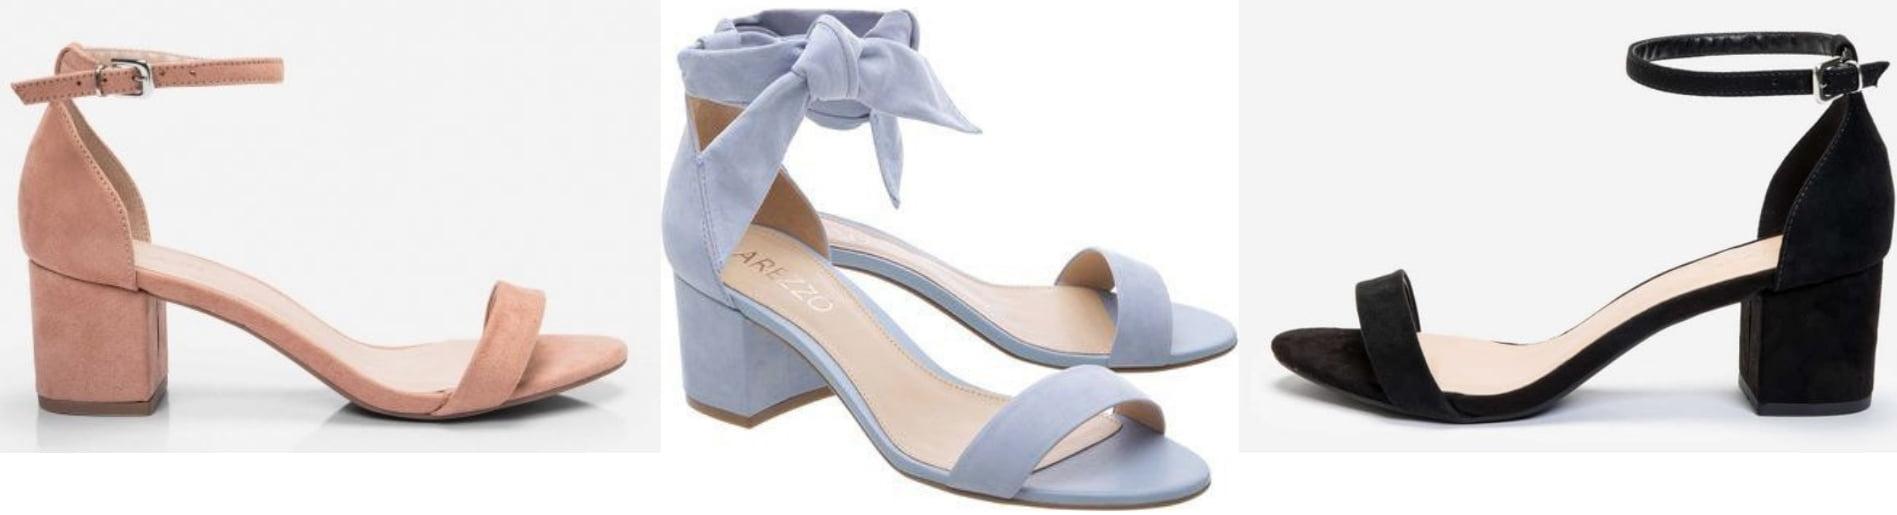 Sandálias de salto grosso baixo também podem ser usadas para compor uma produção feminina e delicada em um evento mais informal.